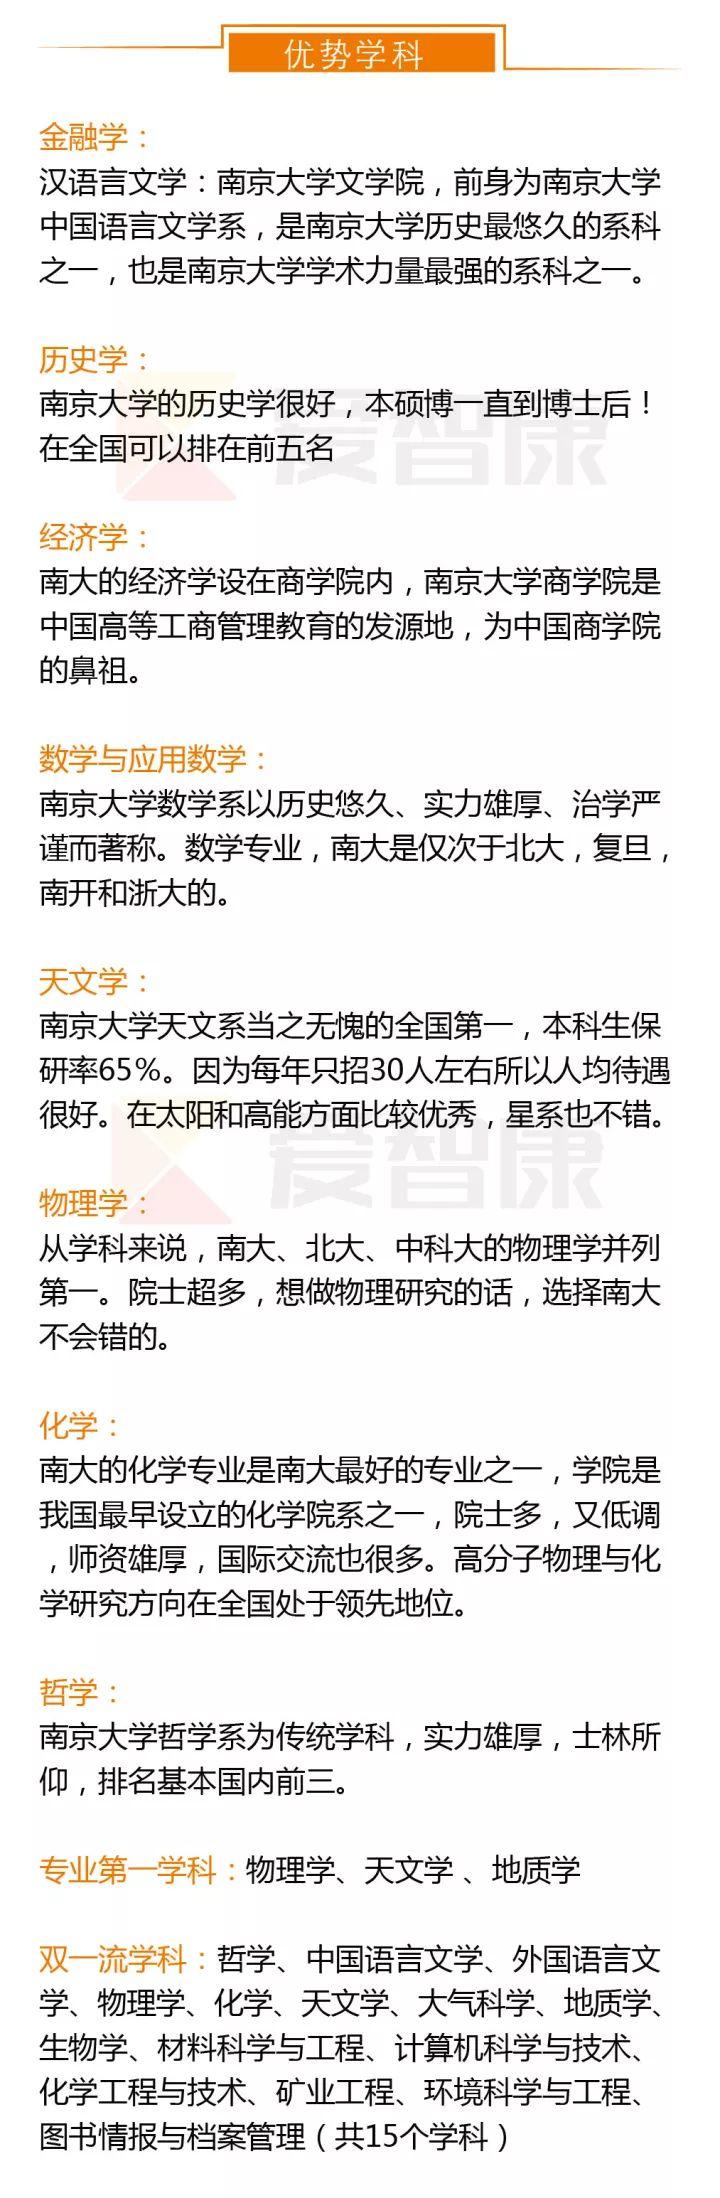 南京大学优势学科